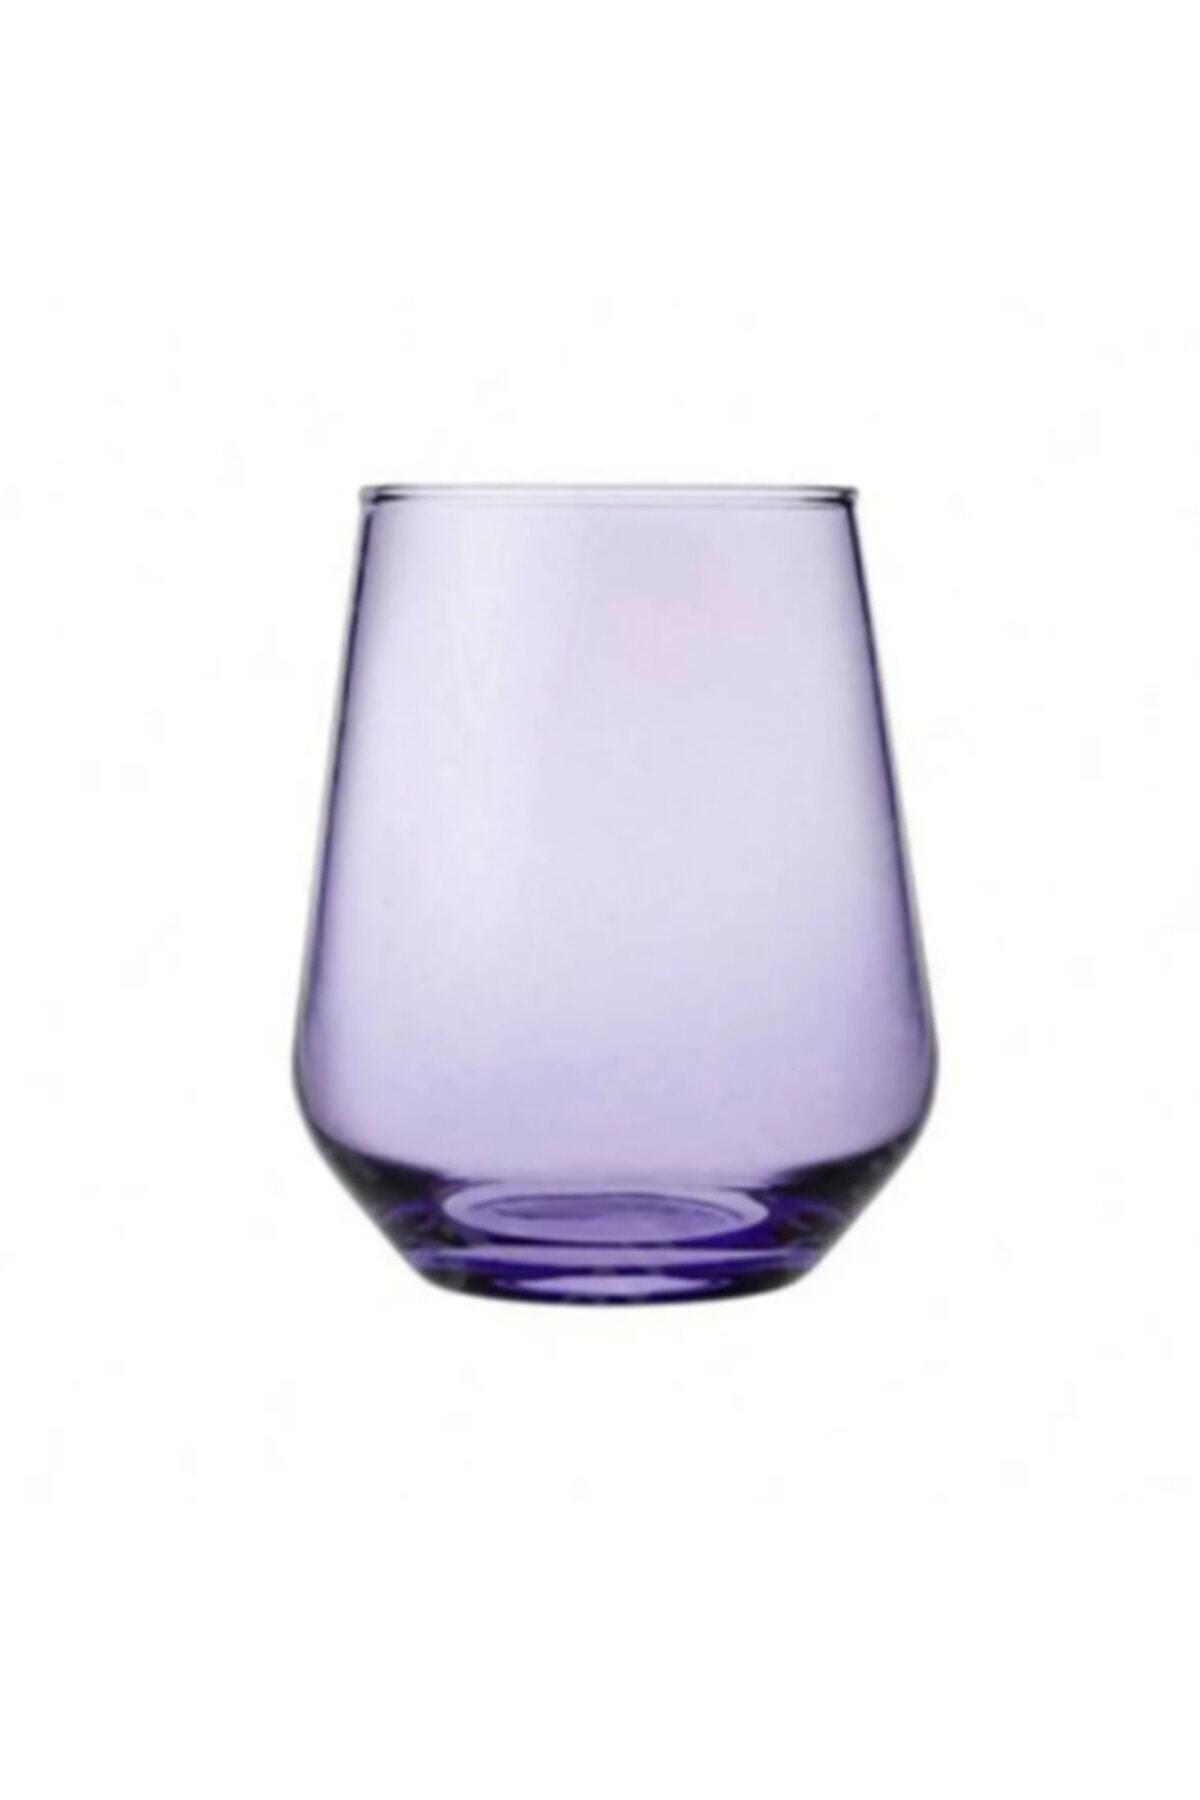 Paşabahçe Allegra Mor 6'lı Kahve Yanı Su Bardağı 420202 1